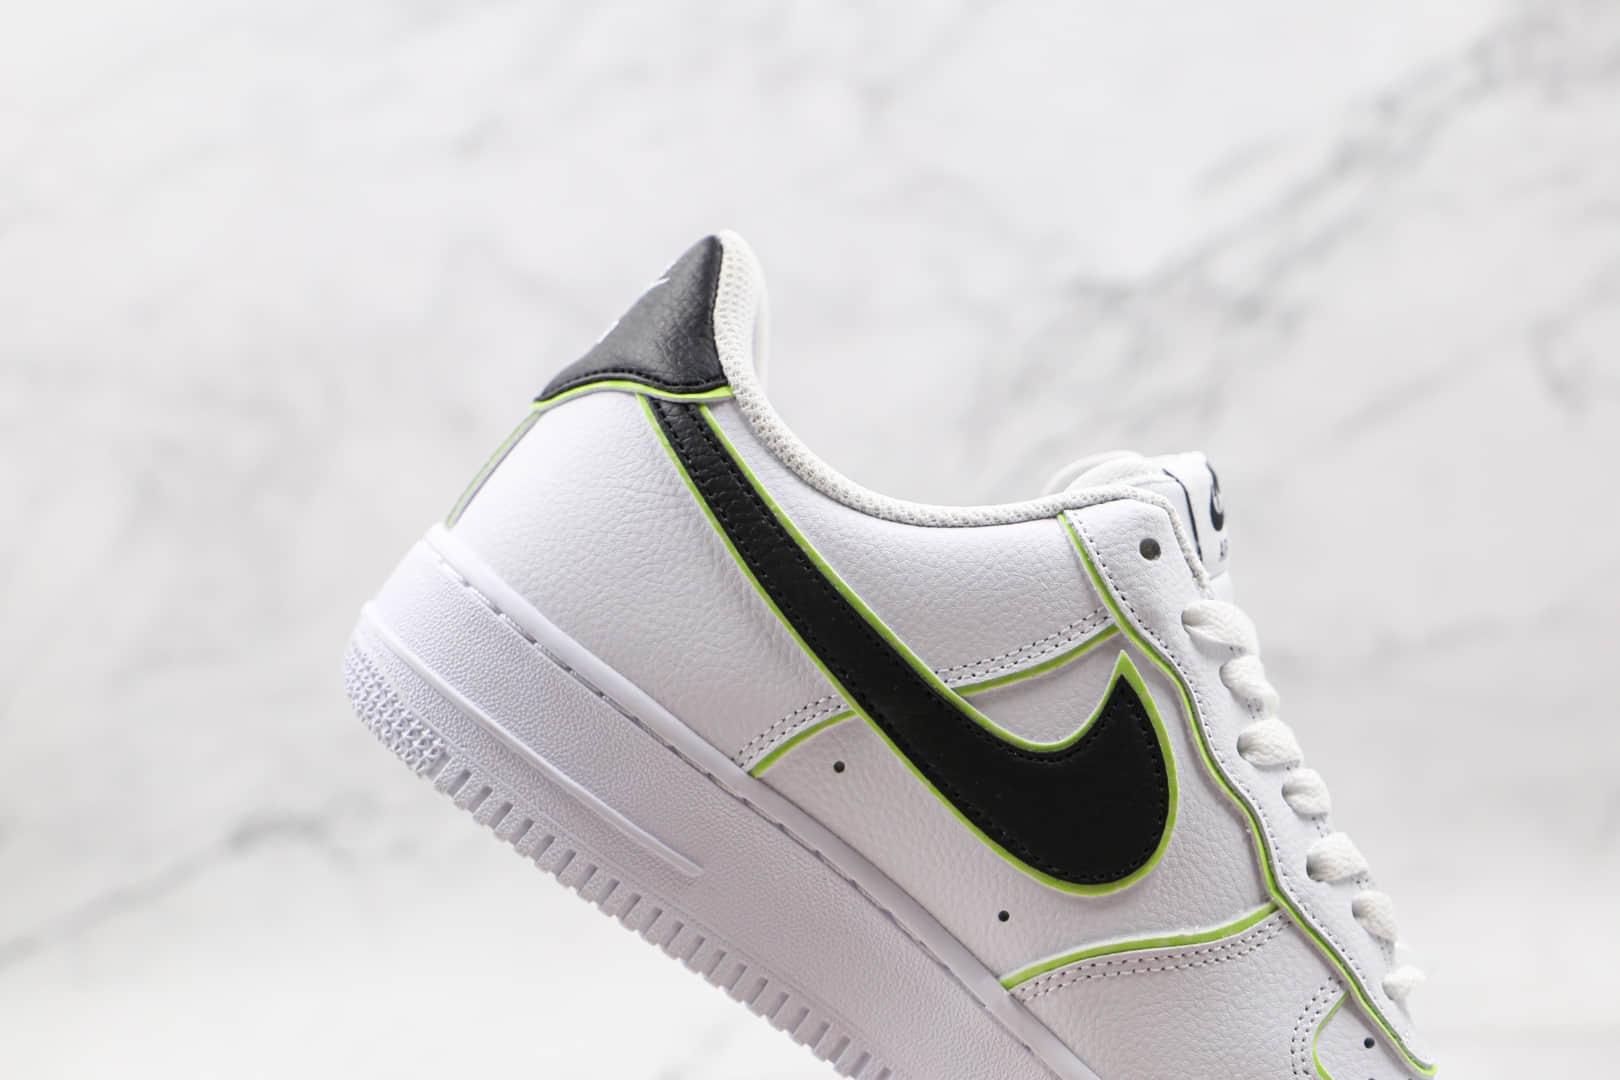 耐克Nike AIR FMRCE 1纯原版本低帮空军一号白黑绿色板鞋内置气垫 货号:CW2288-304